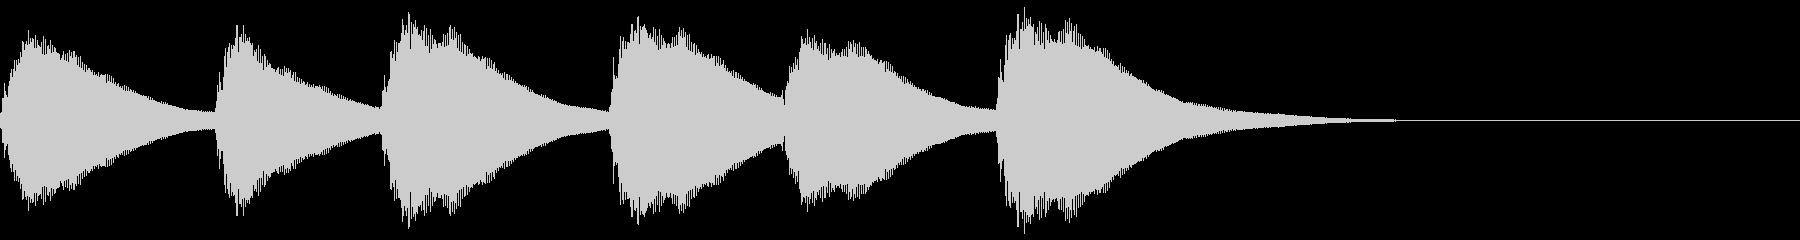 FX・SE/ピアノ/コール/アラームの未再生の波形